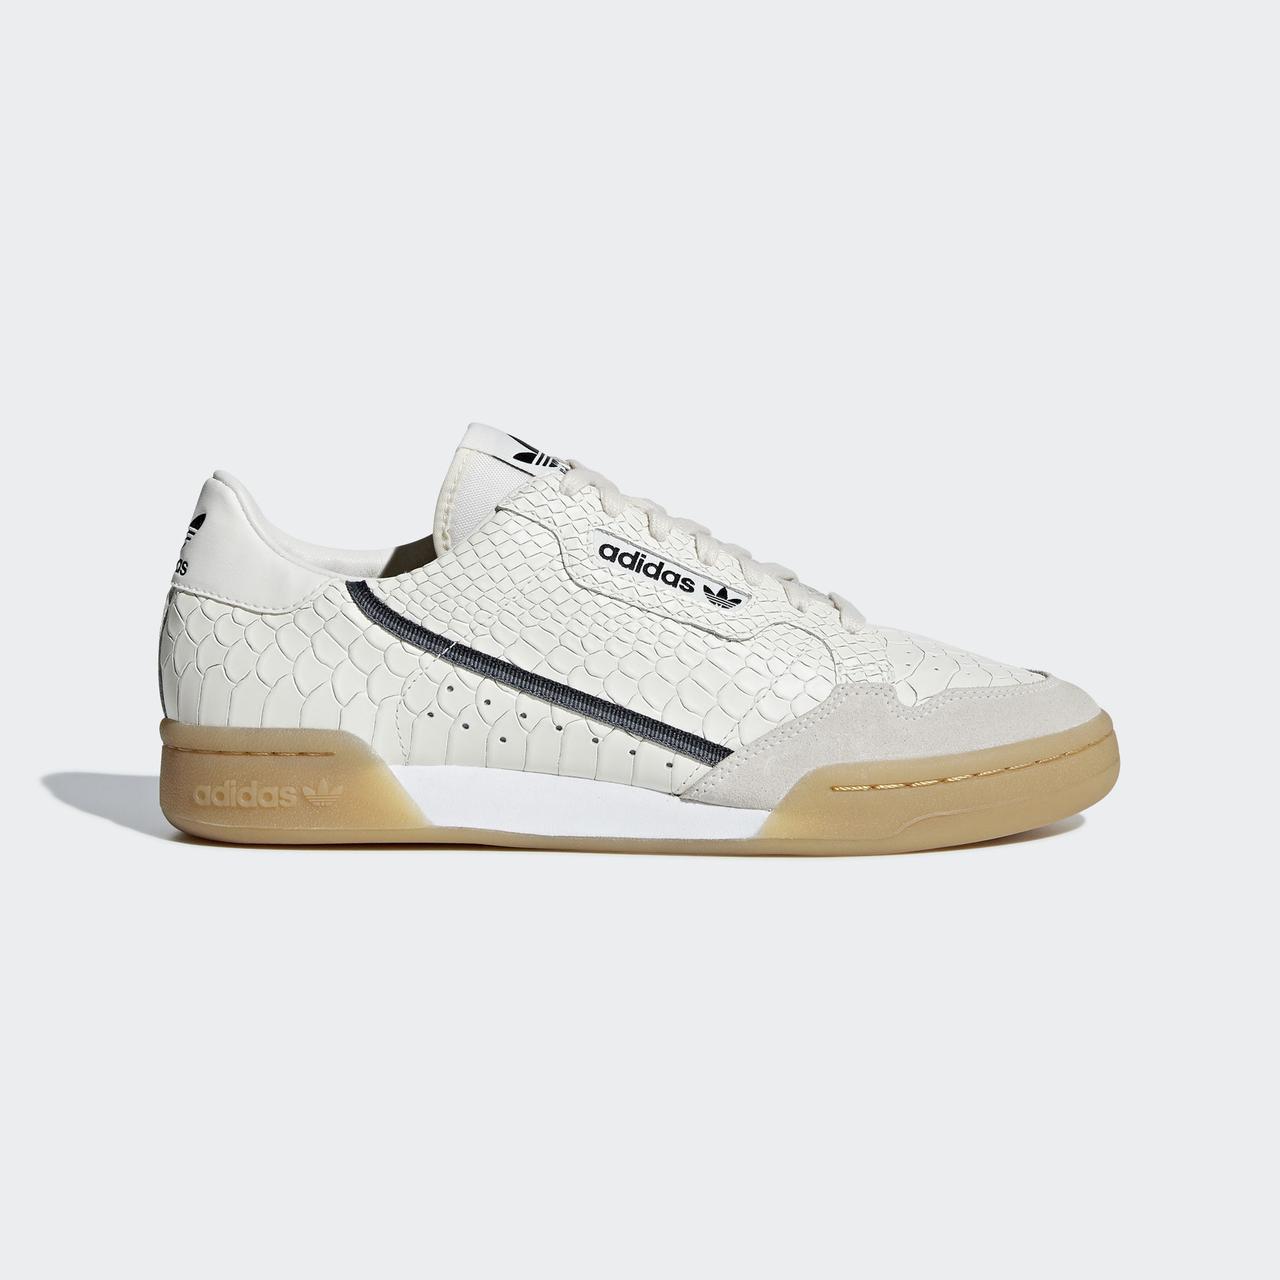 Мужские кроссовки Adidas Originals Continental 80 (Артикул: D96659)